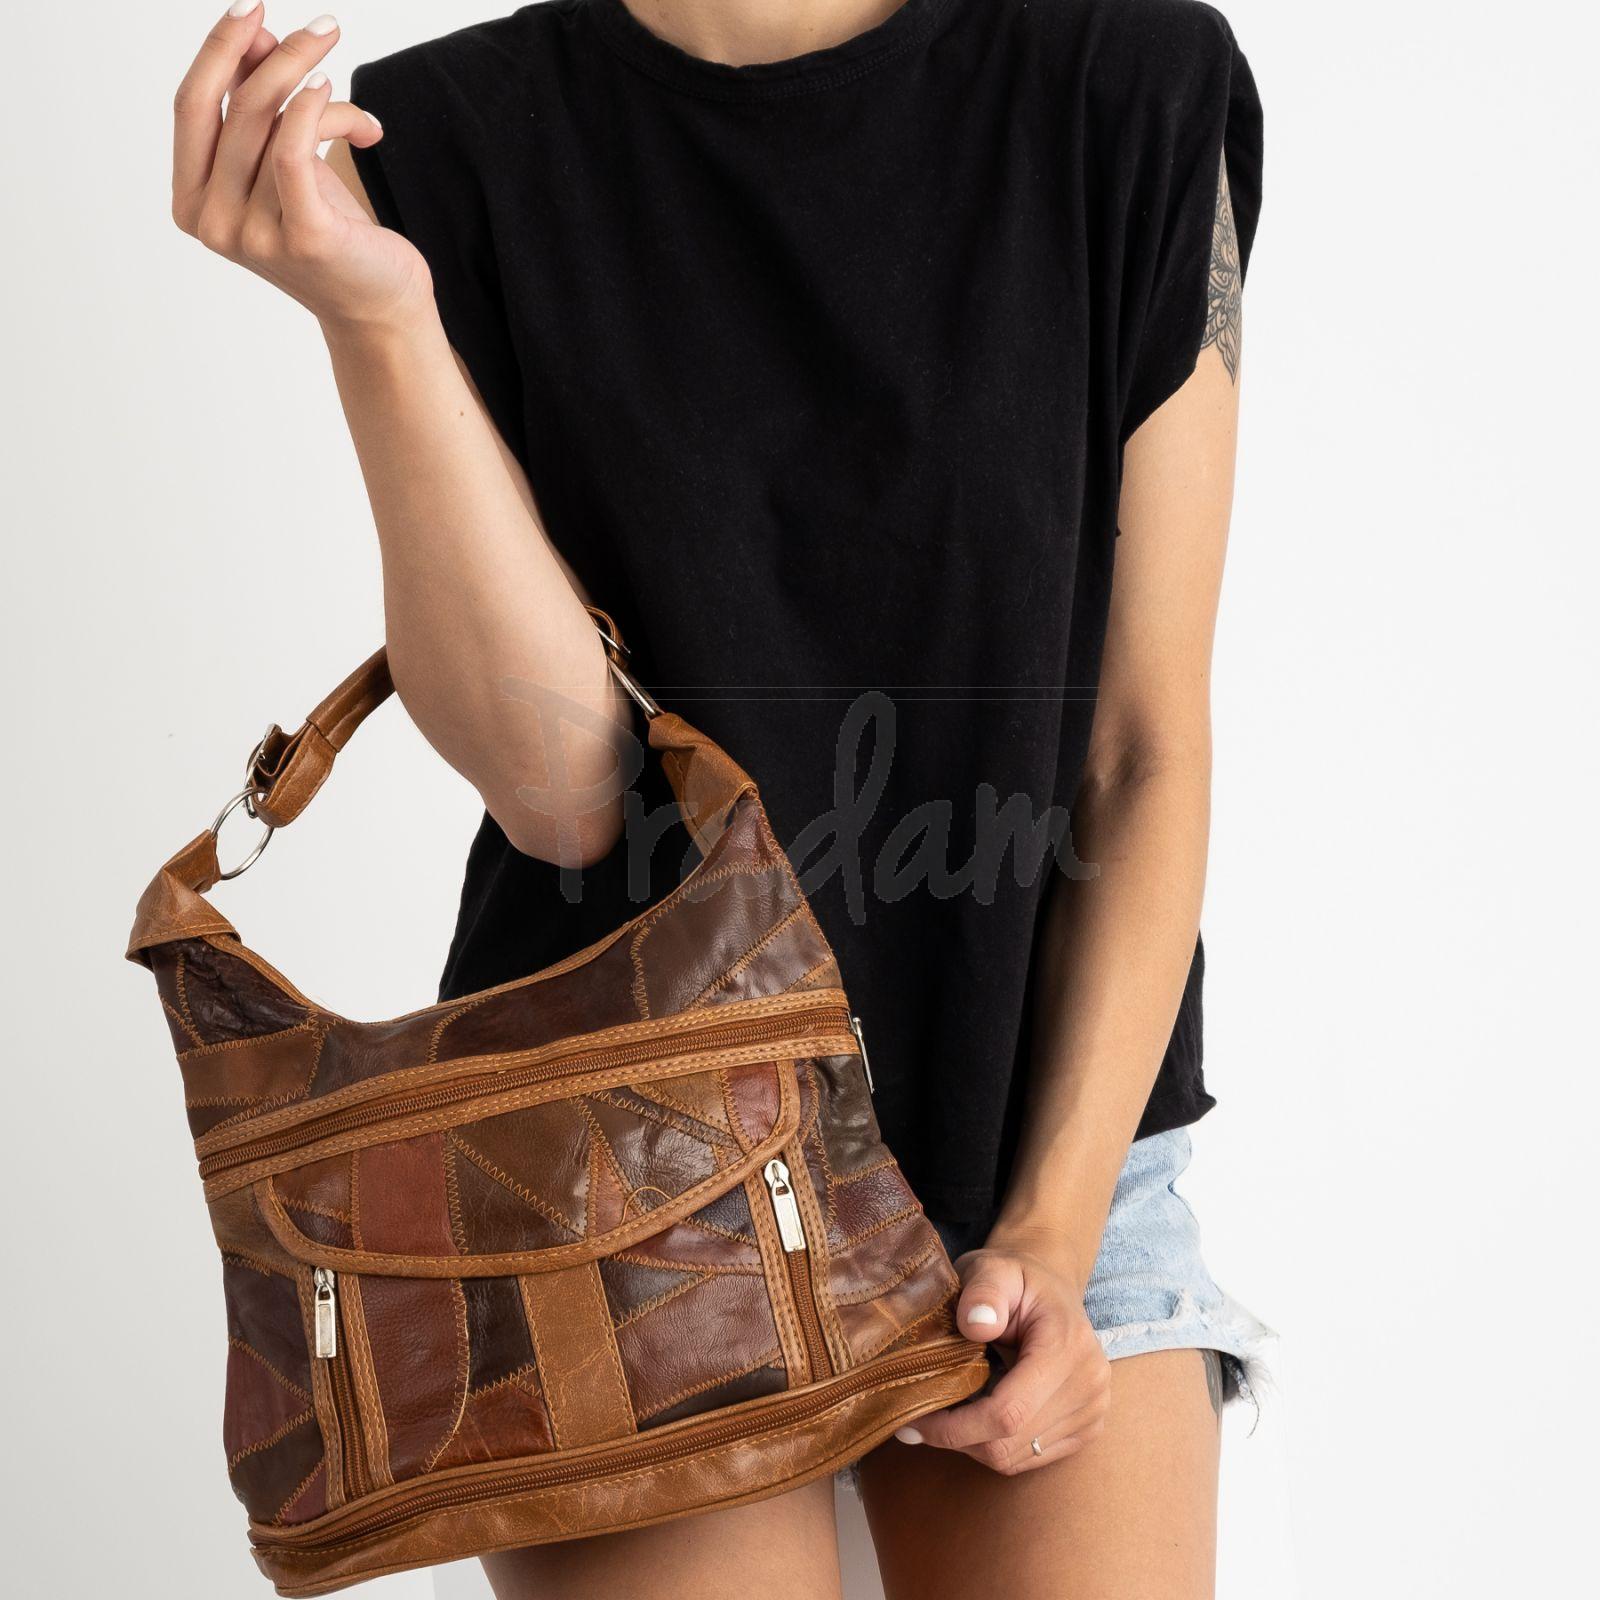 8818 коричневая сумка женская из экокожи (5 ед.)